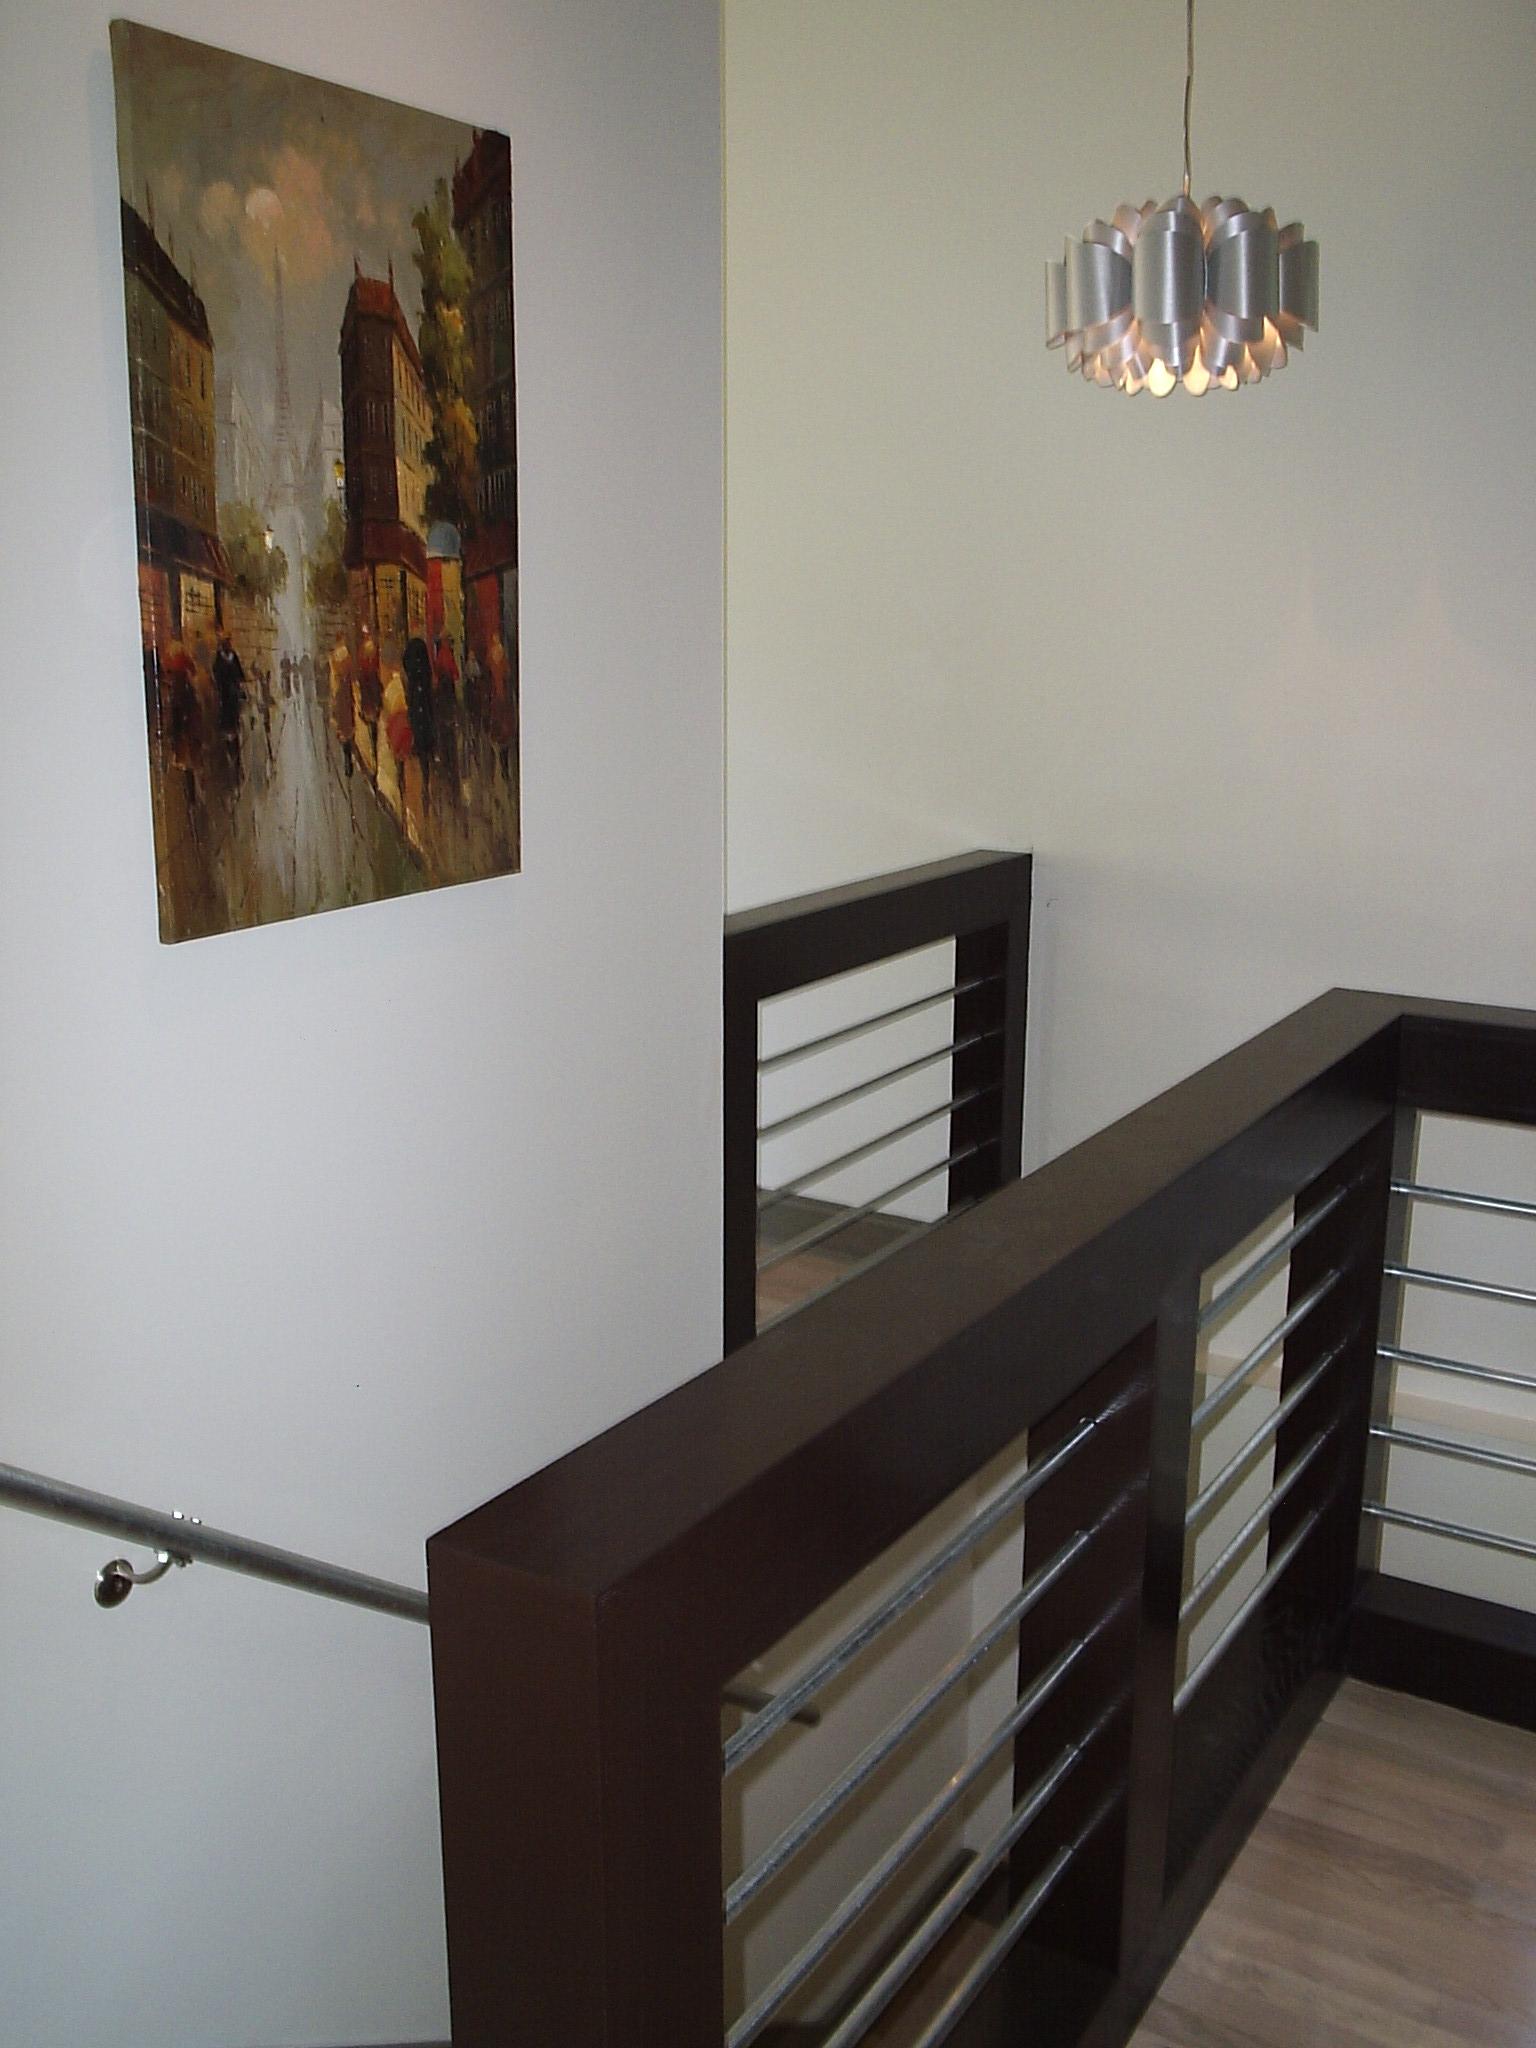 513 S 12th Stairway1.JPG